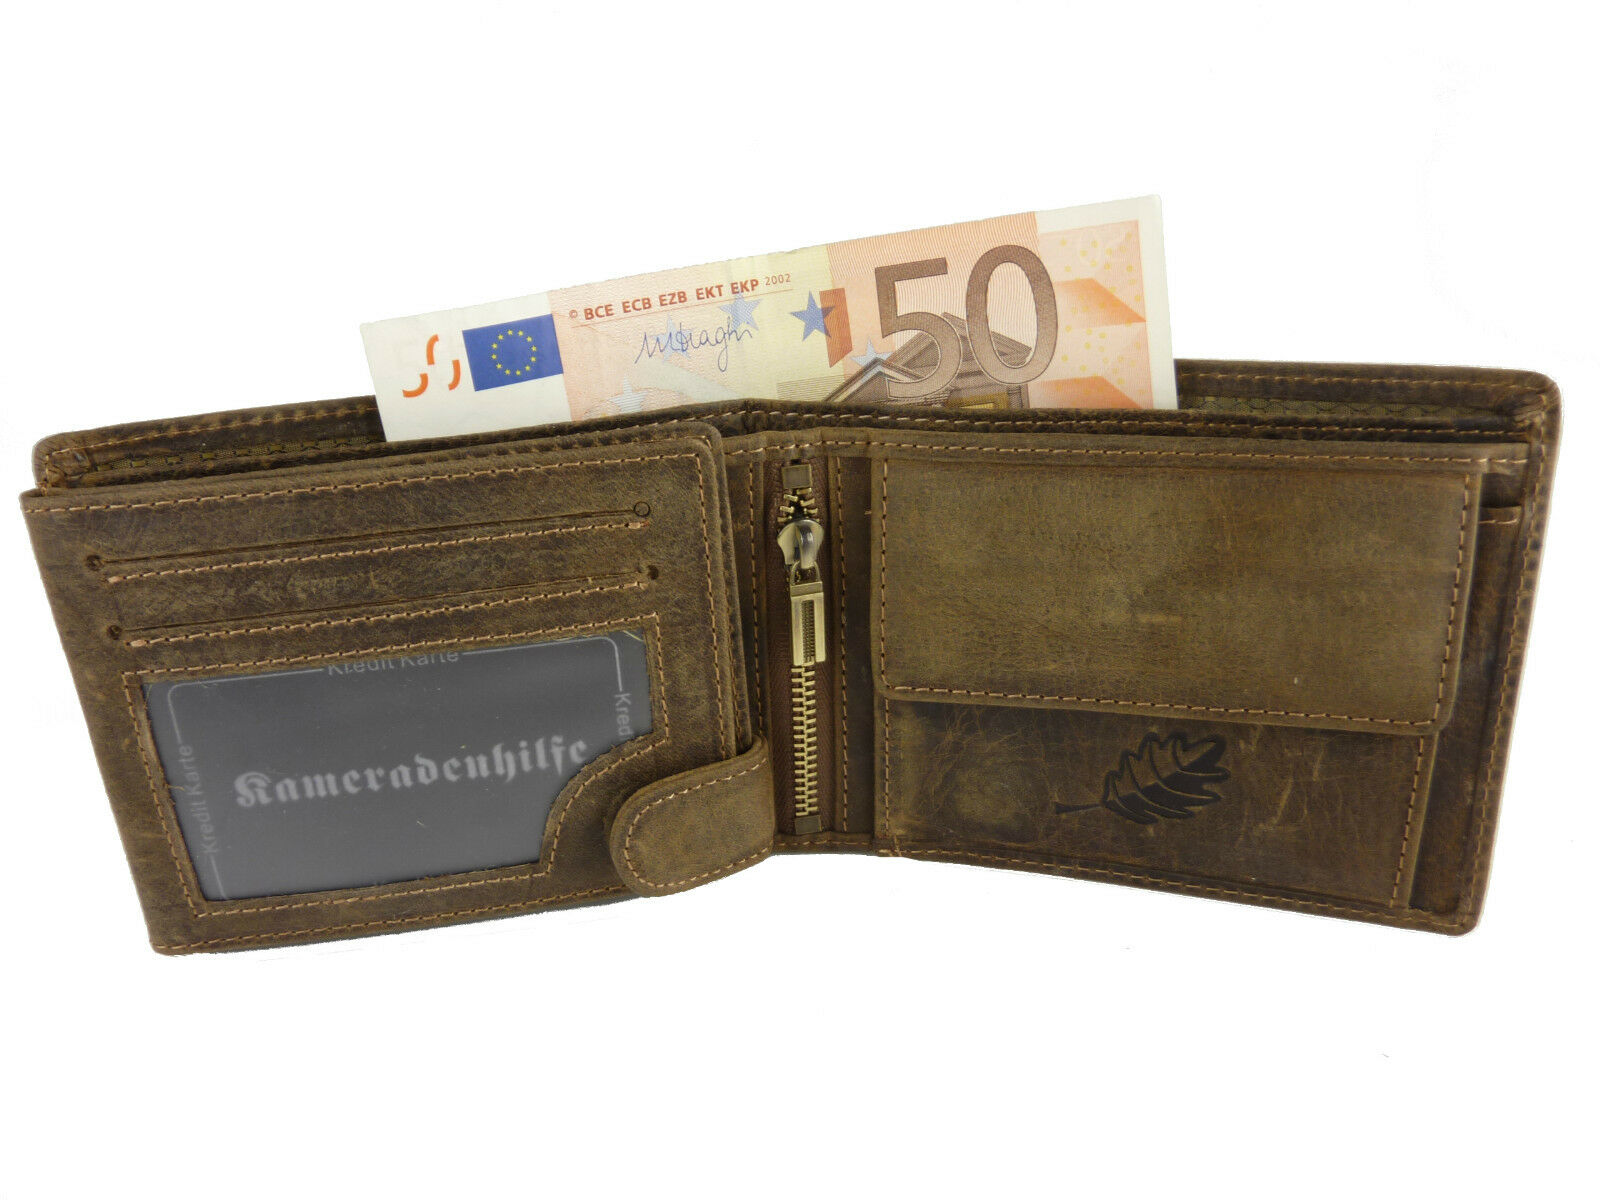 017d28a0fc35c KAMERADENHILFE Herren Geldbörse Brieftasche Leder Geldbeutel ...